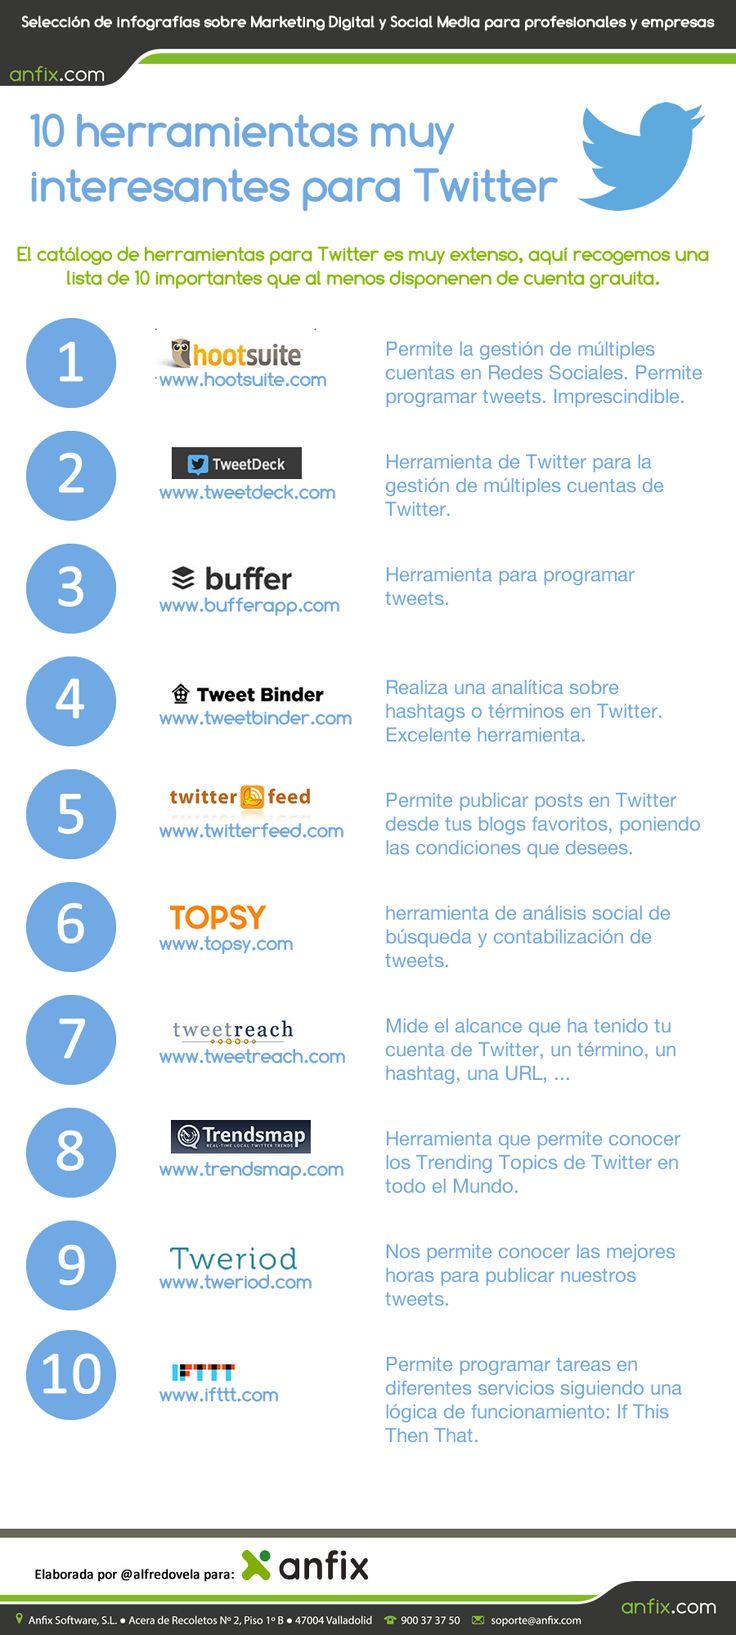 Esta infografía presenta 10 herramientas muy interesantes para Twitter, una de las Redes Sociales más conocidas y más útiles para las empresas.